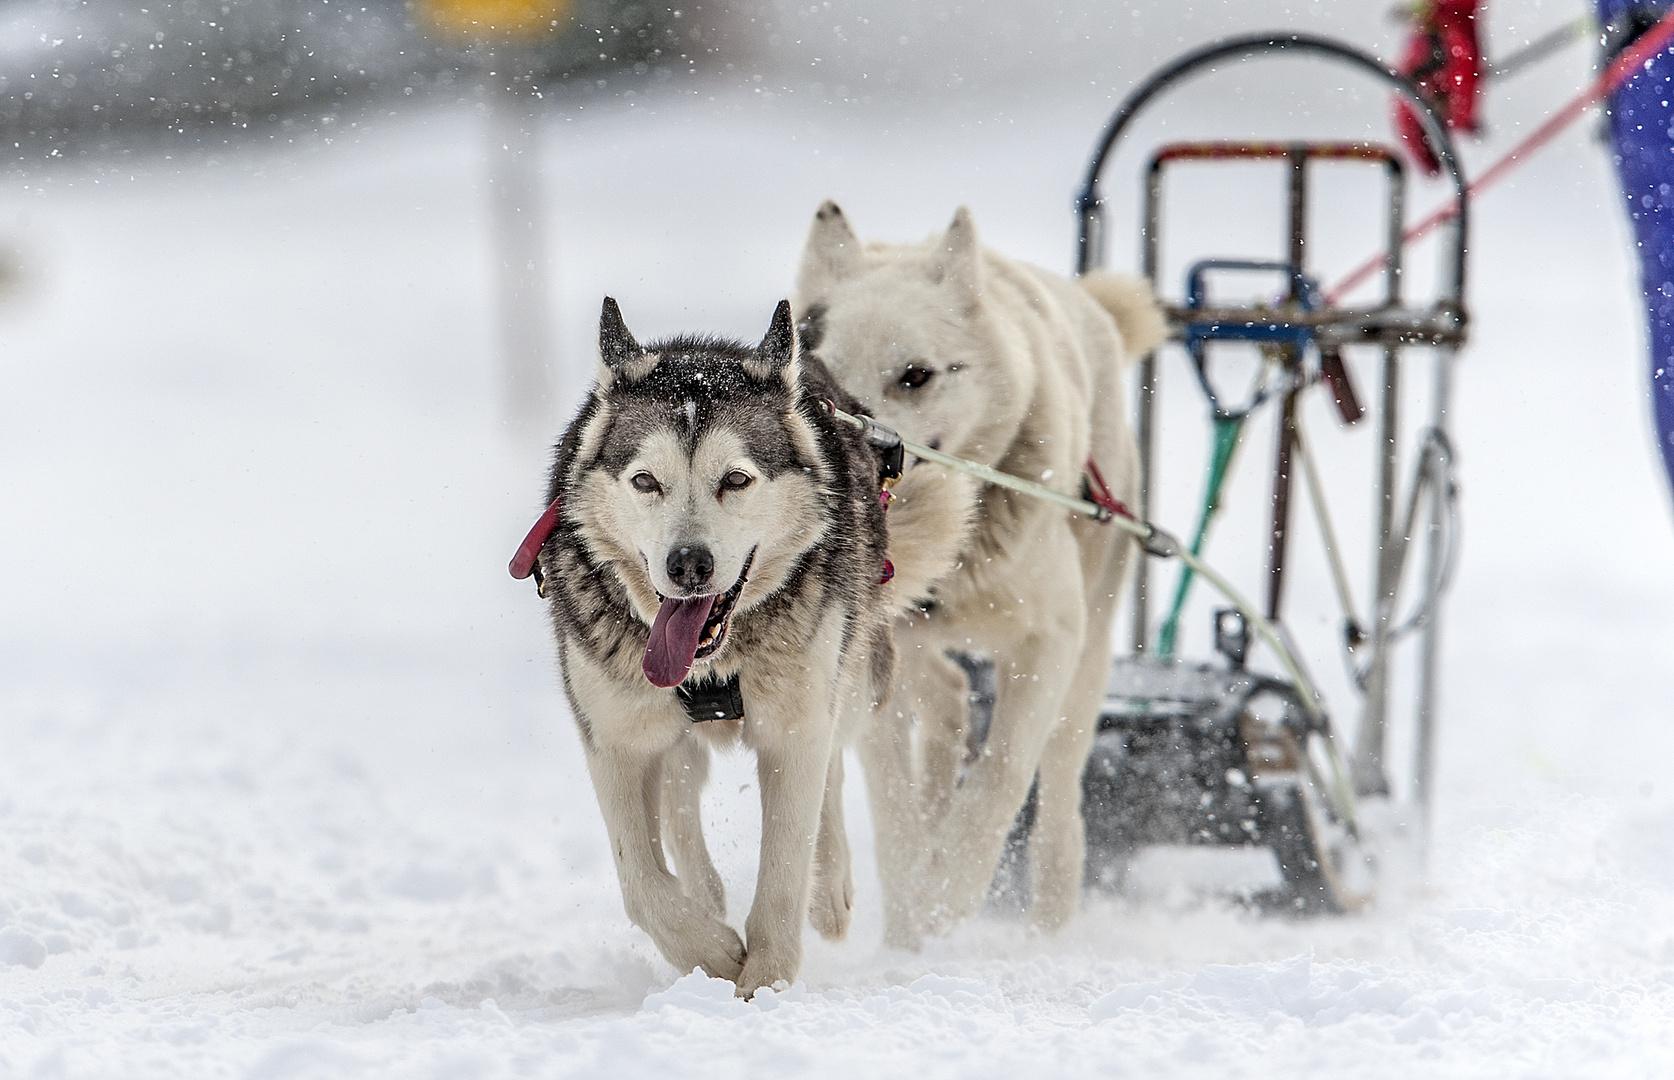 Sie lieben den Winter...